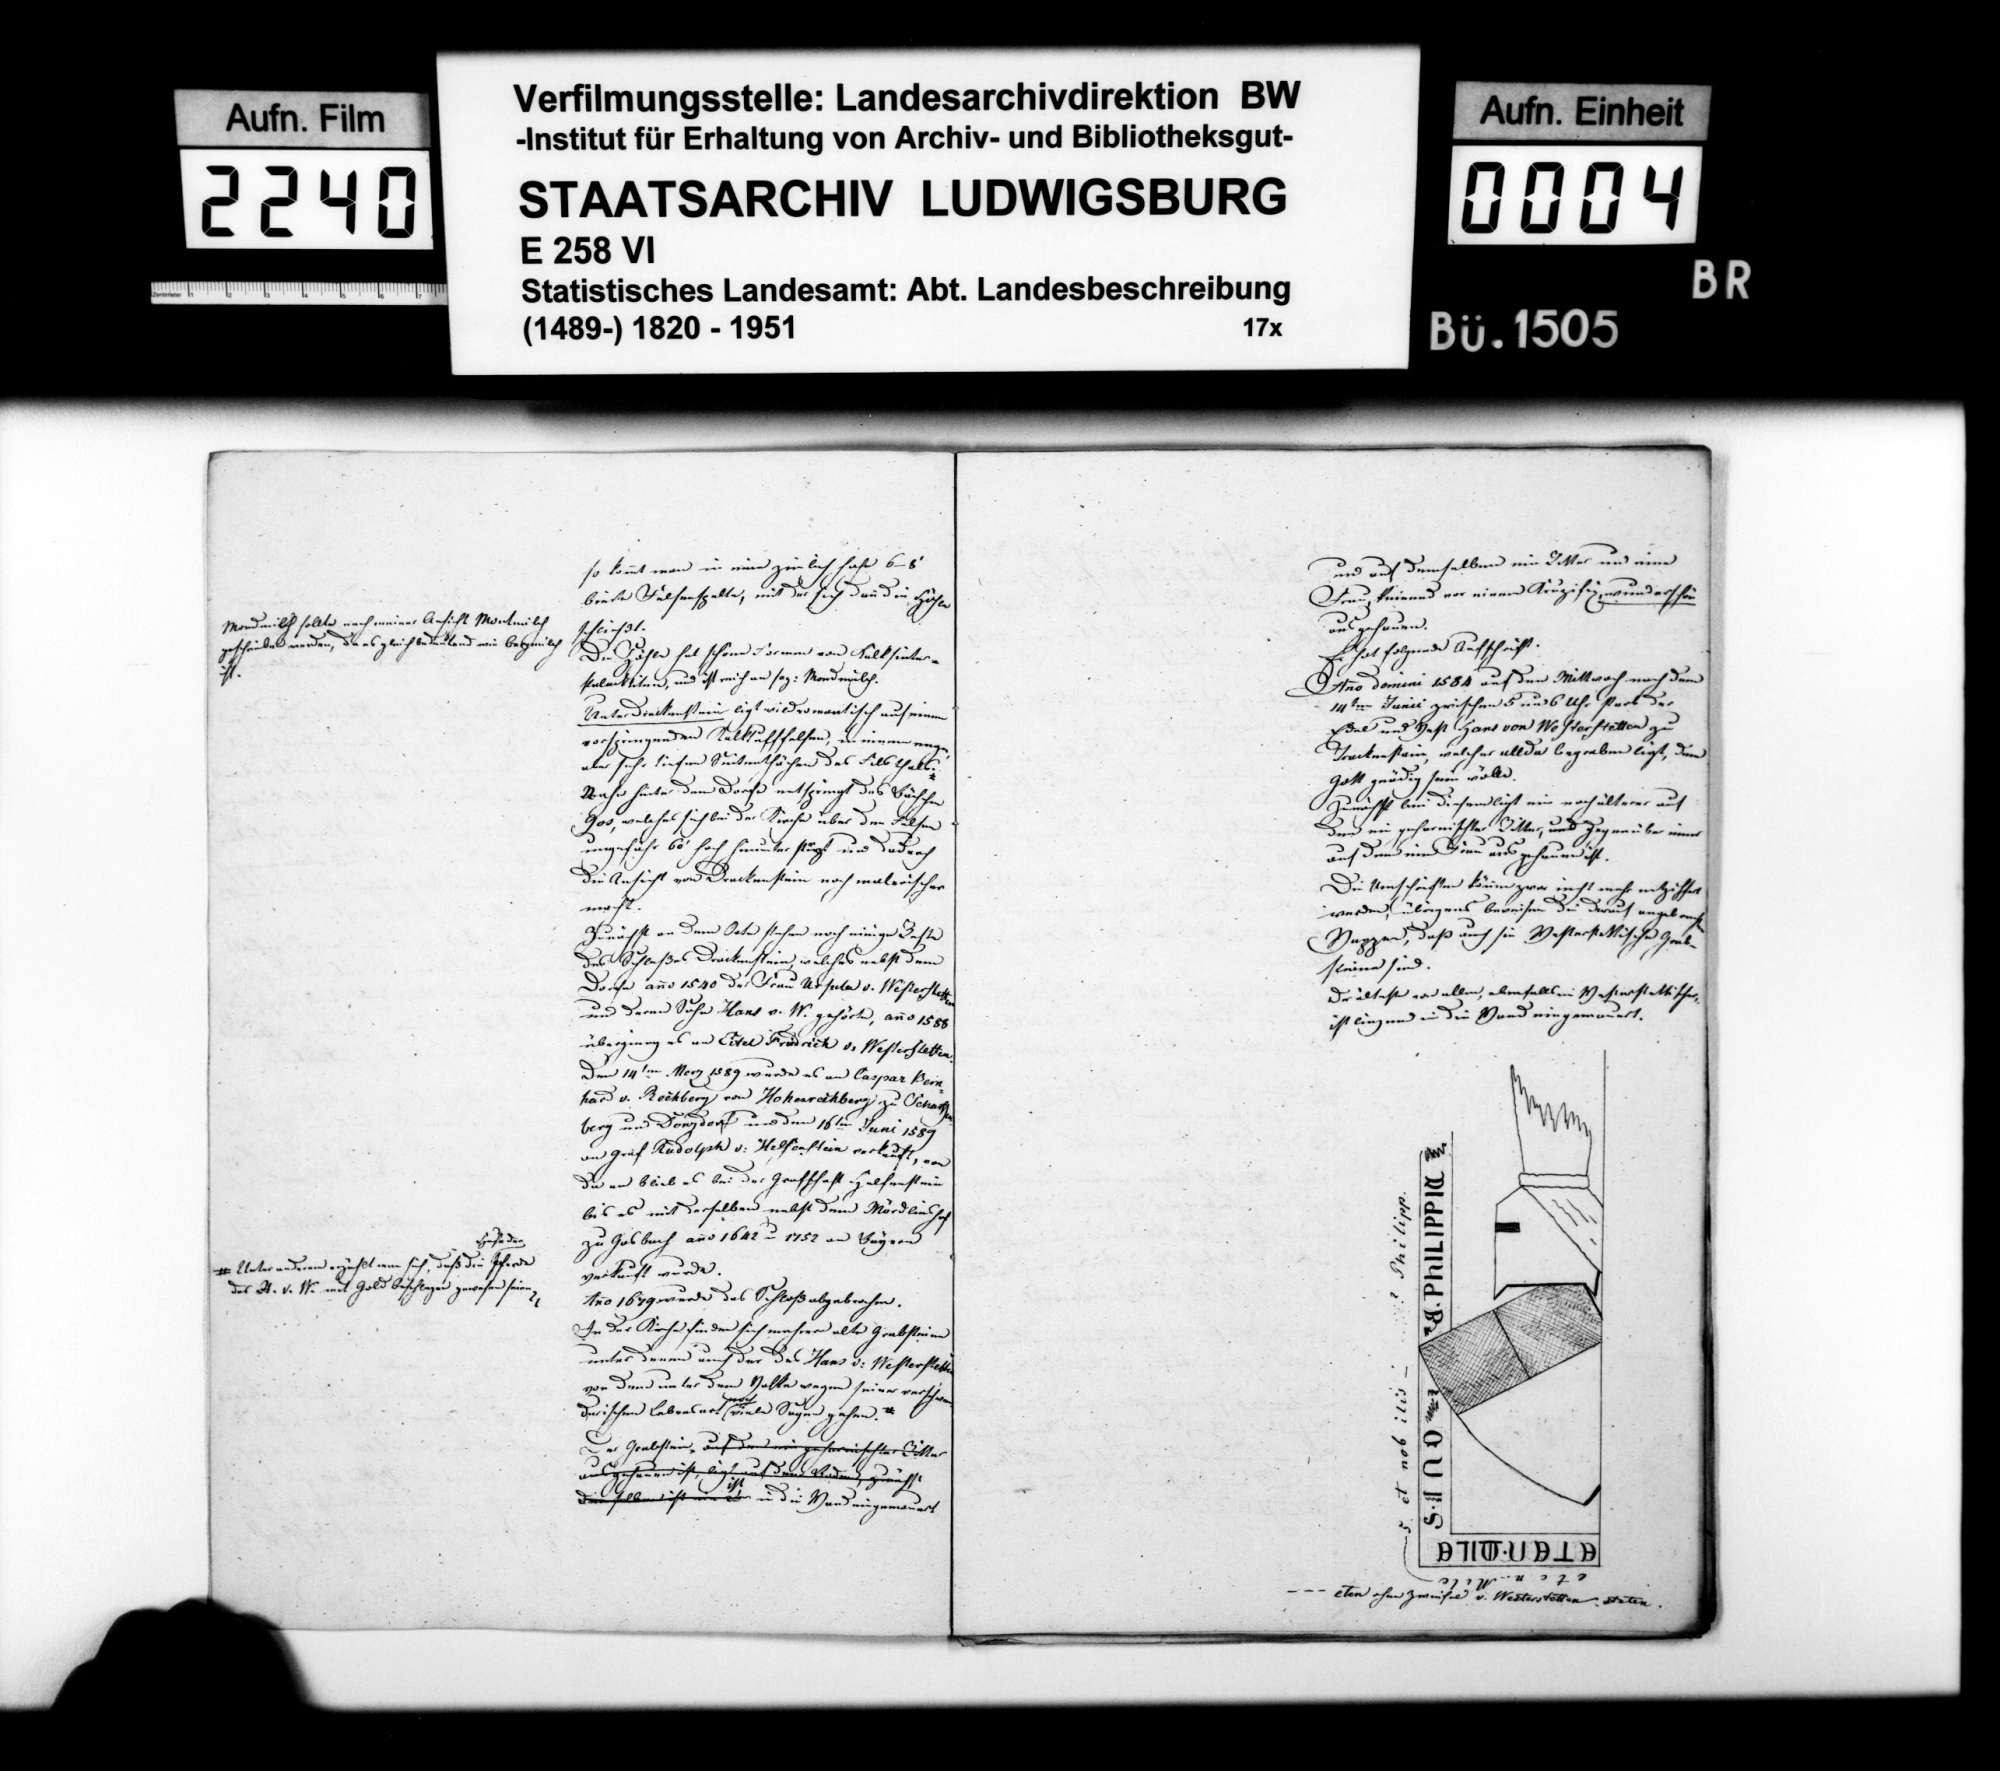 Bemerkungen des Topographen [Karl] E[duard] Paulus zu den topographischen Blättern Wiesensteig, Weißenstein und Donzdorf, Bild 3